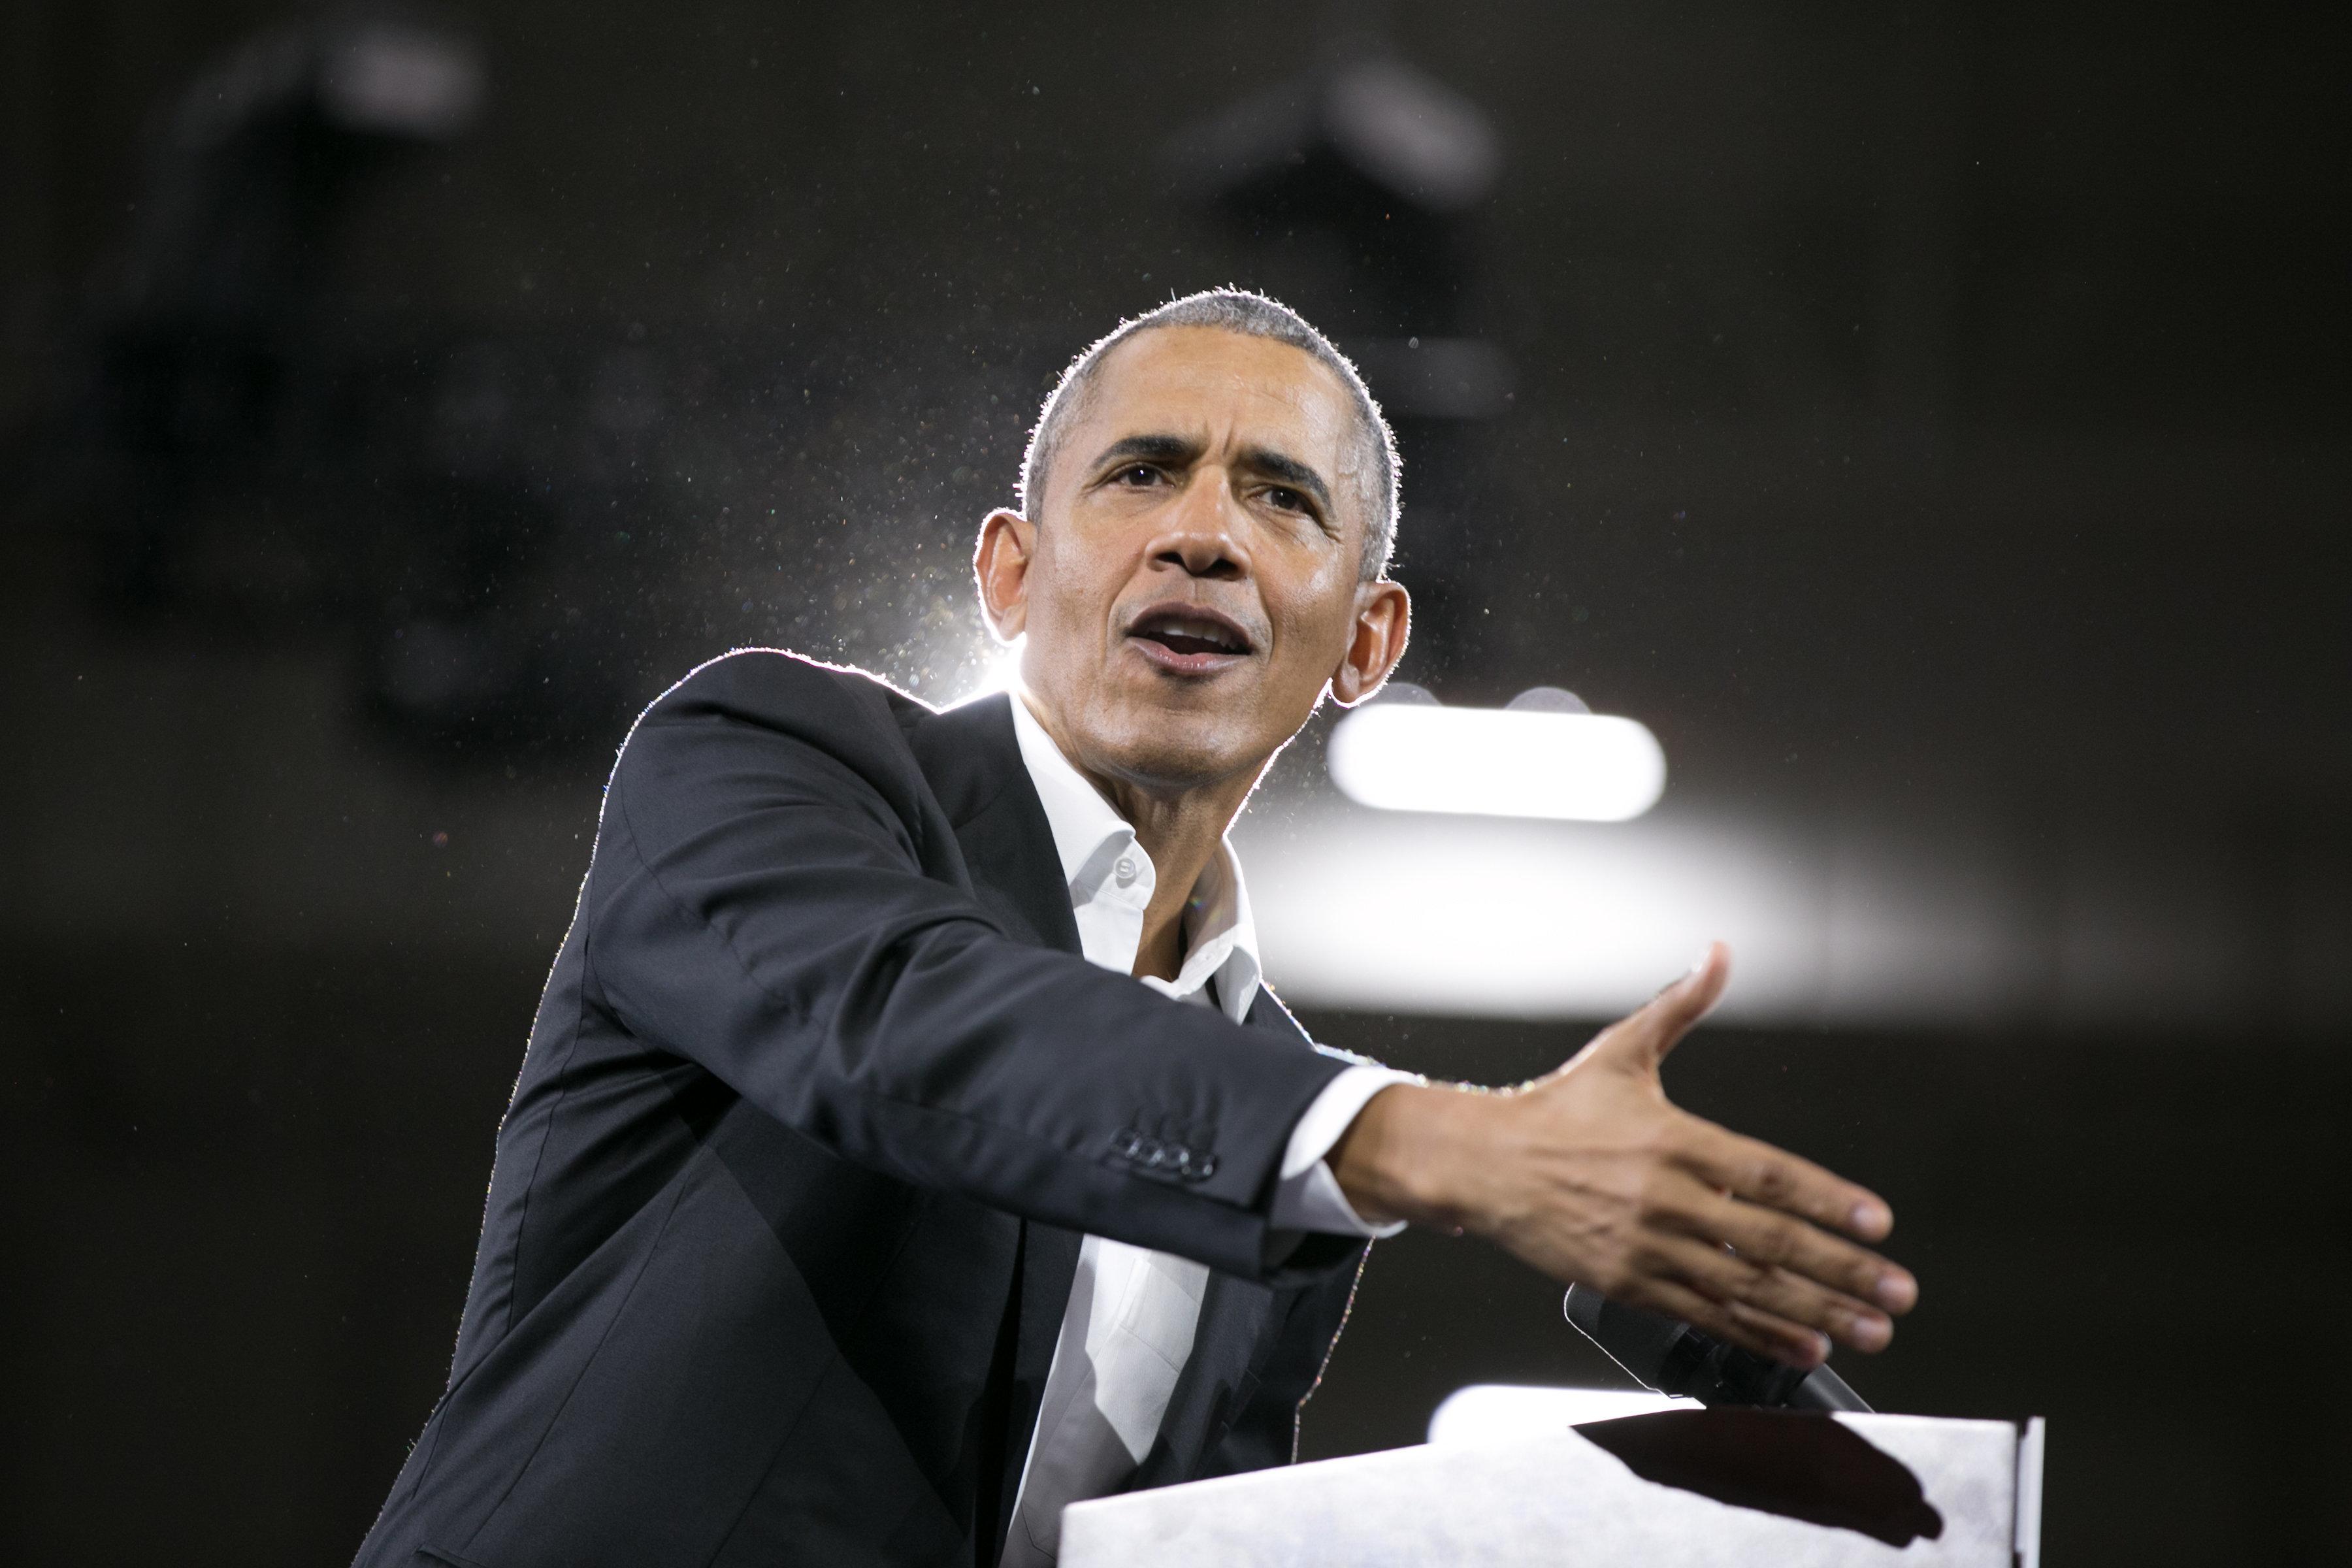 """오바마 참모들이 """"오바마는 북한과 거의 전쟁 직전까지 갔다""""는 트럼프의 말에"""